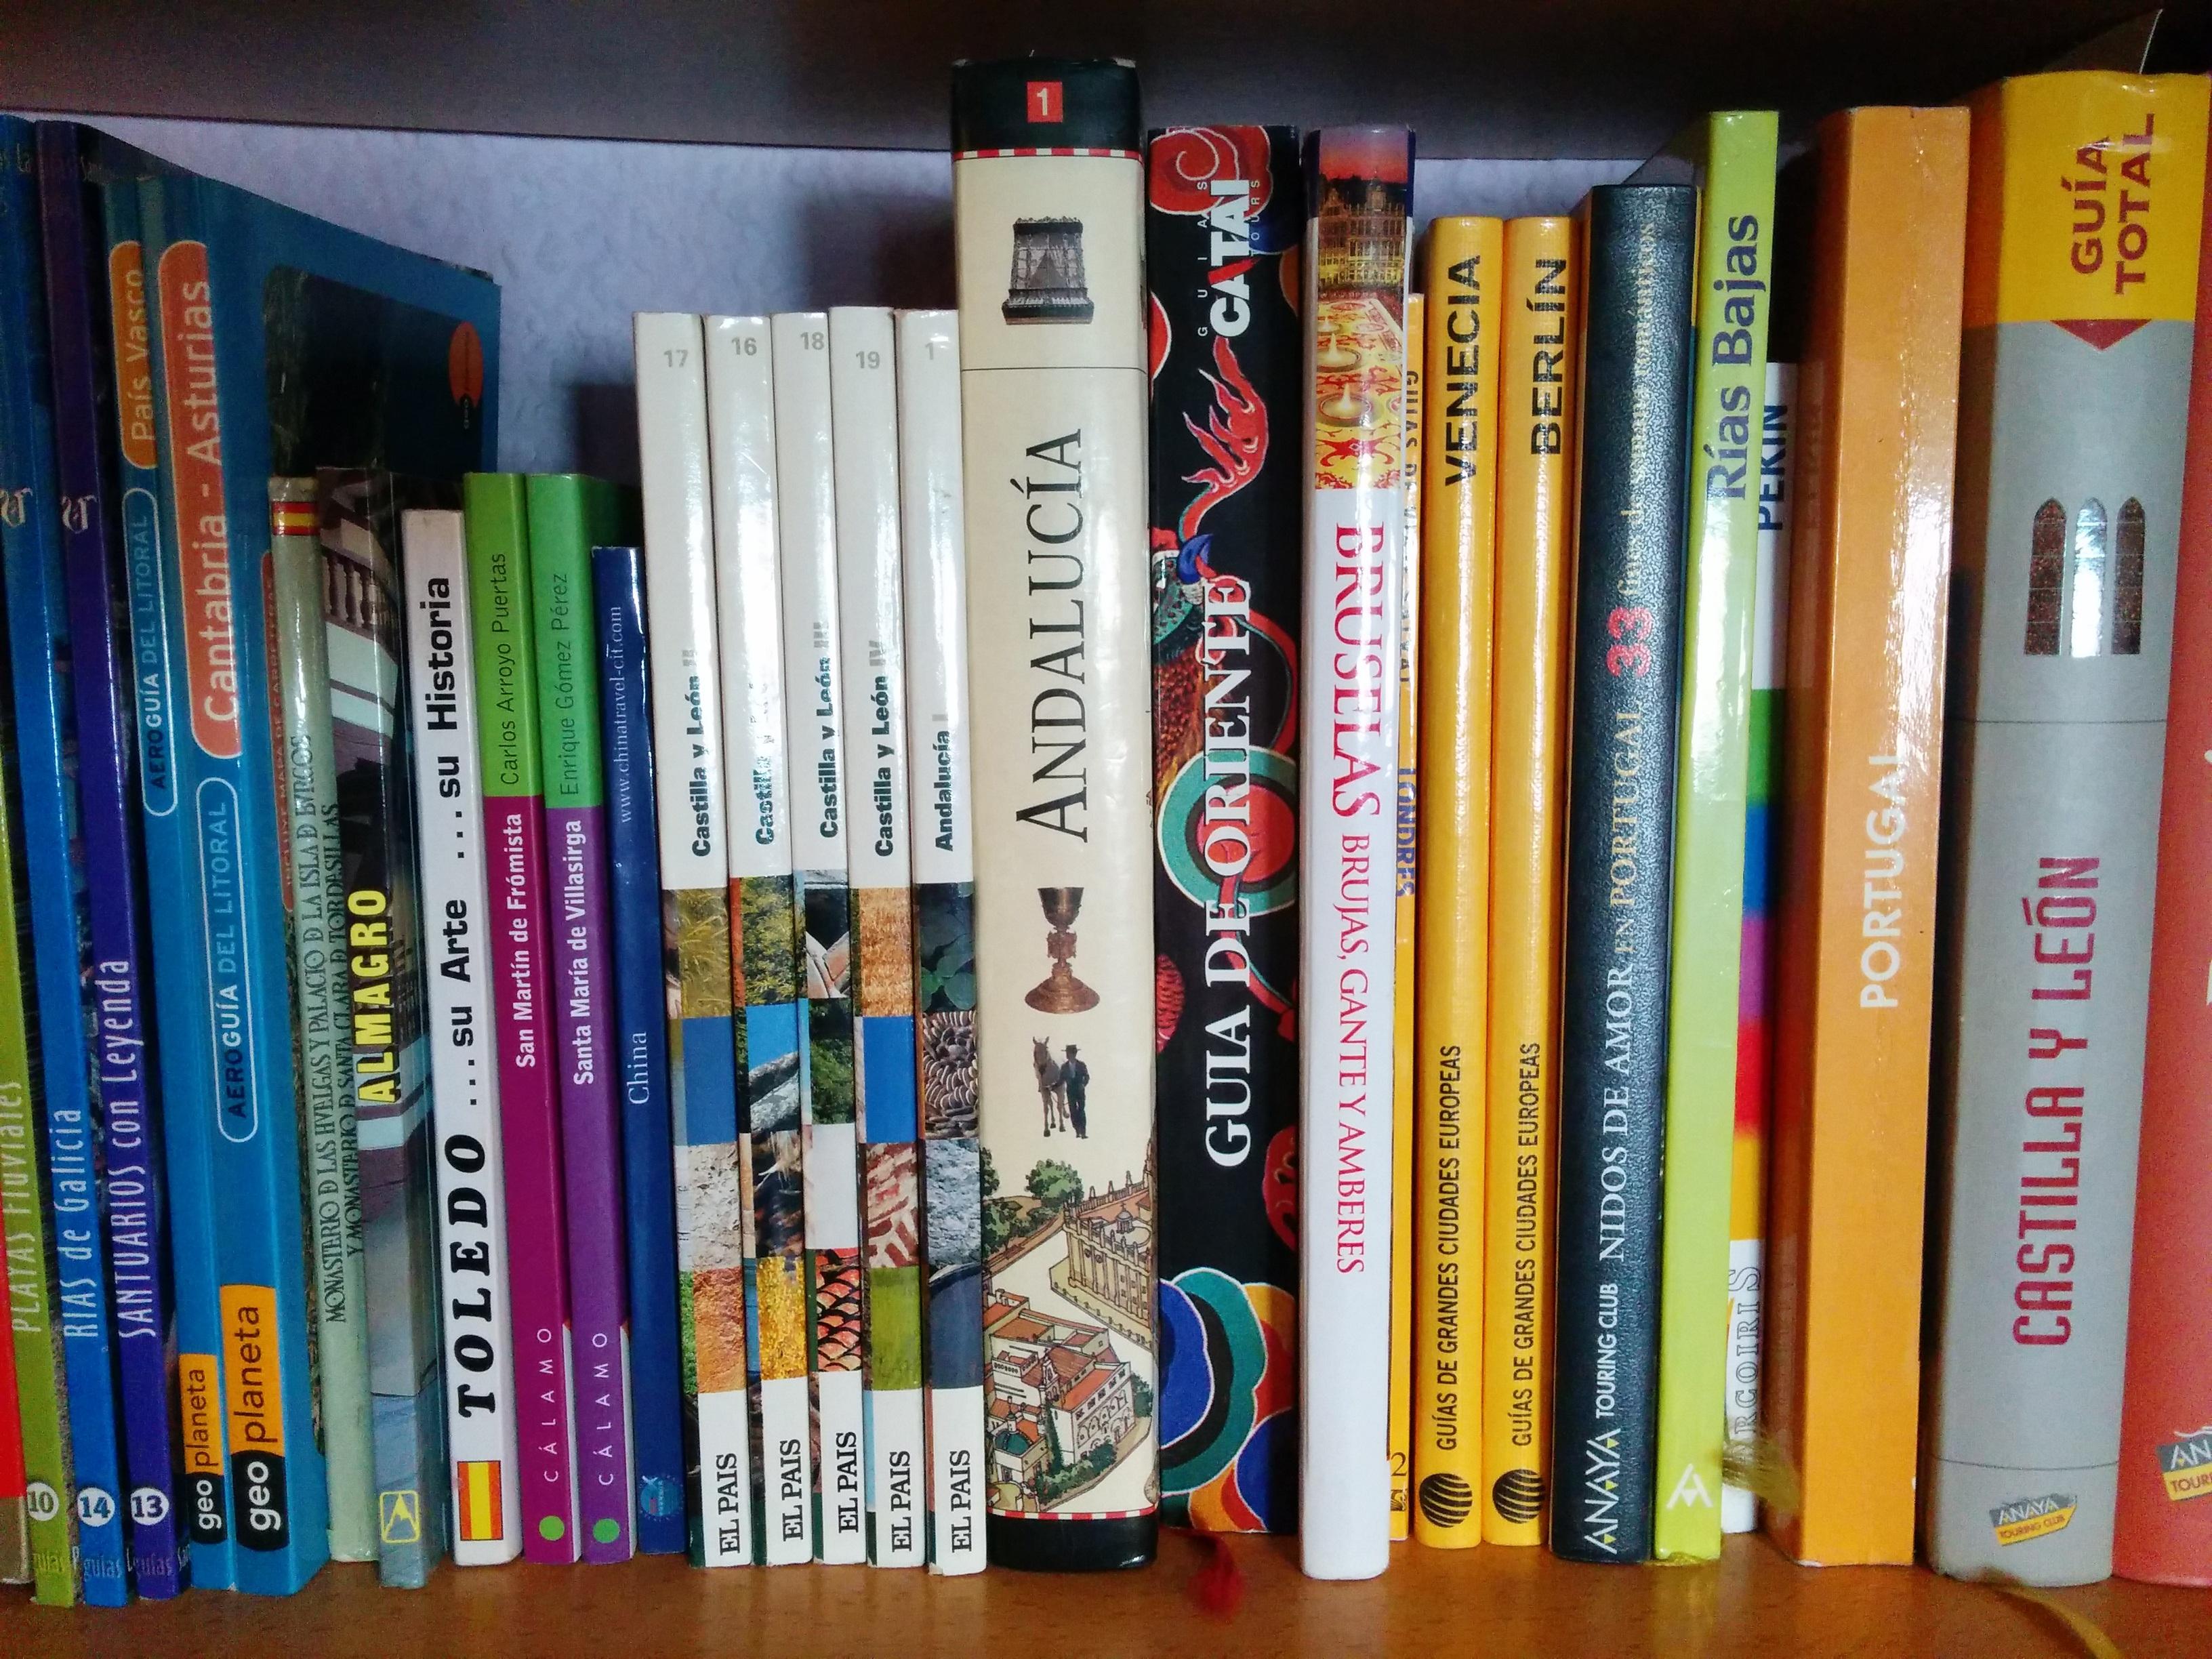 Boekenplank Met Boeken.Gratis Afbeeldingen Boek Reizen Plank Boeken Schappen Gidsen